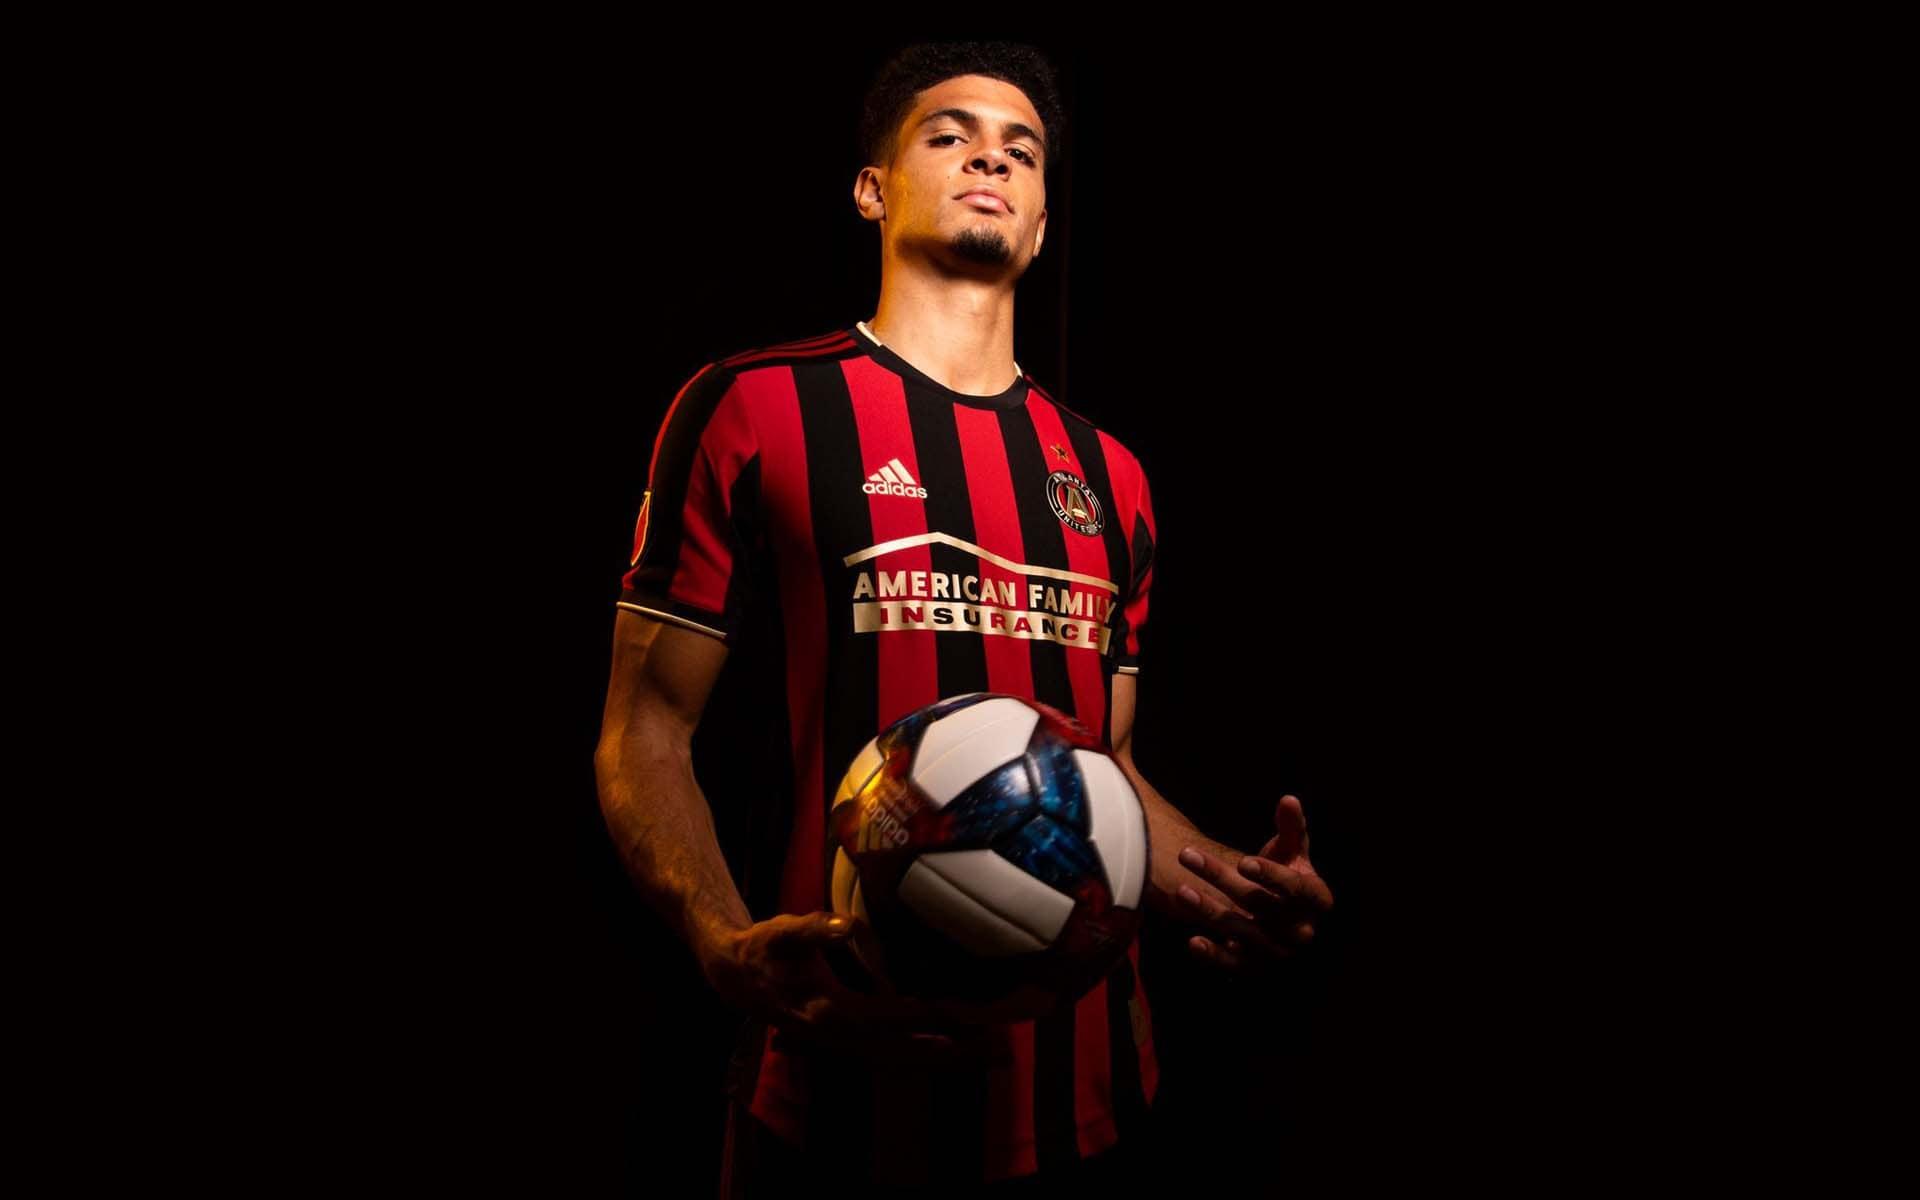 Top-5 fedeste MLS-spillertrøjer til den nye 2019 sæson 4